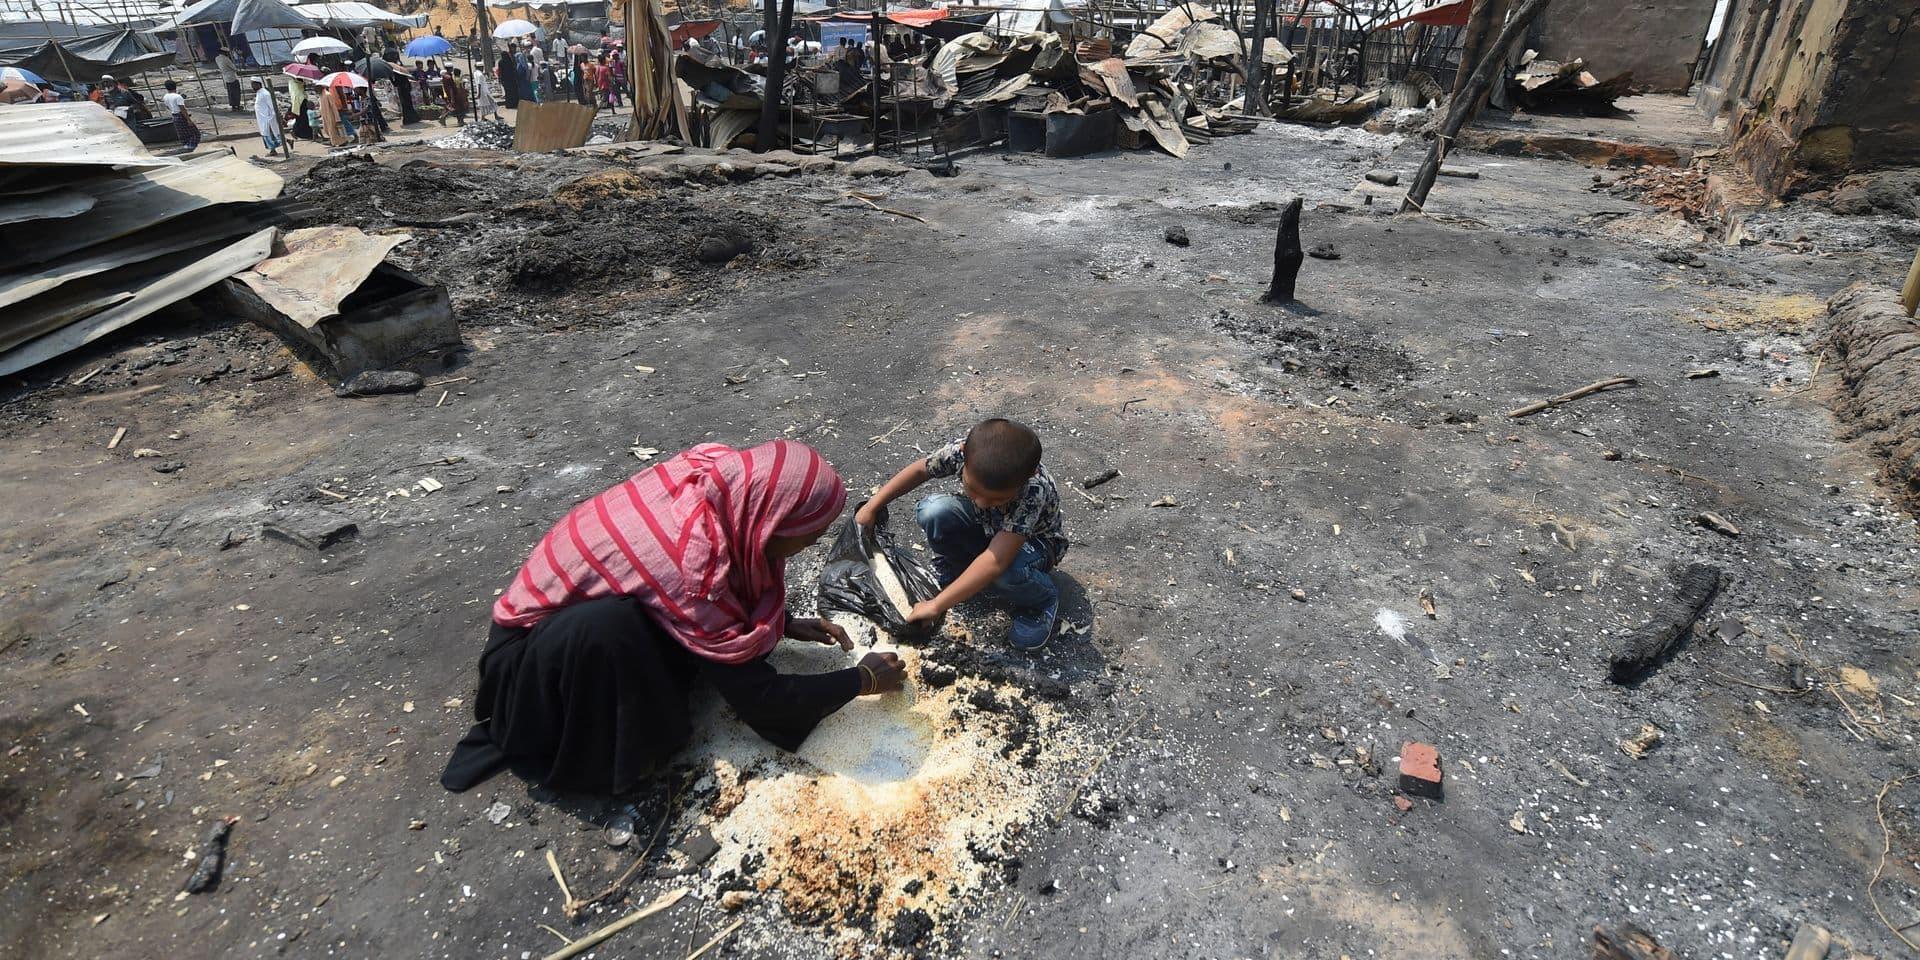 Violences envers les Rohingyas: la Belgique s'apprête à soutenir l'action devant la Cour internationale de Justice